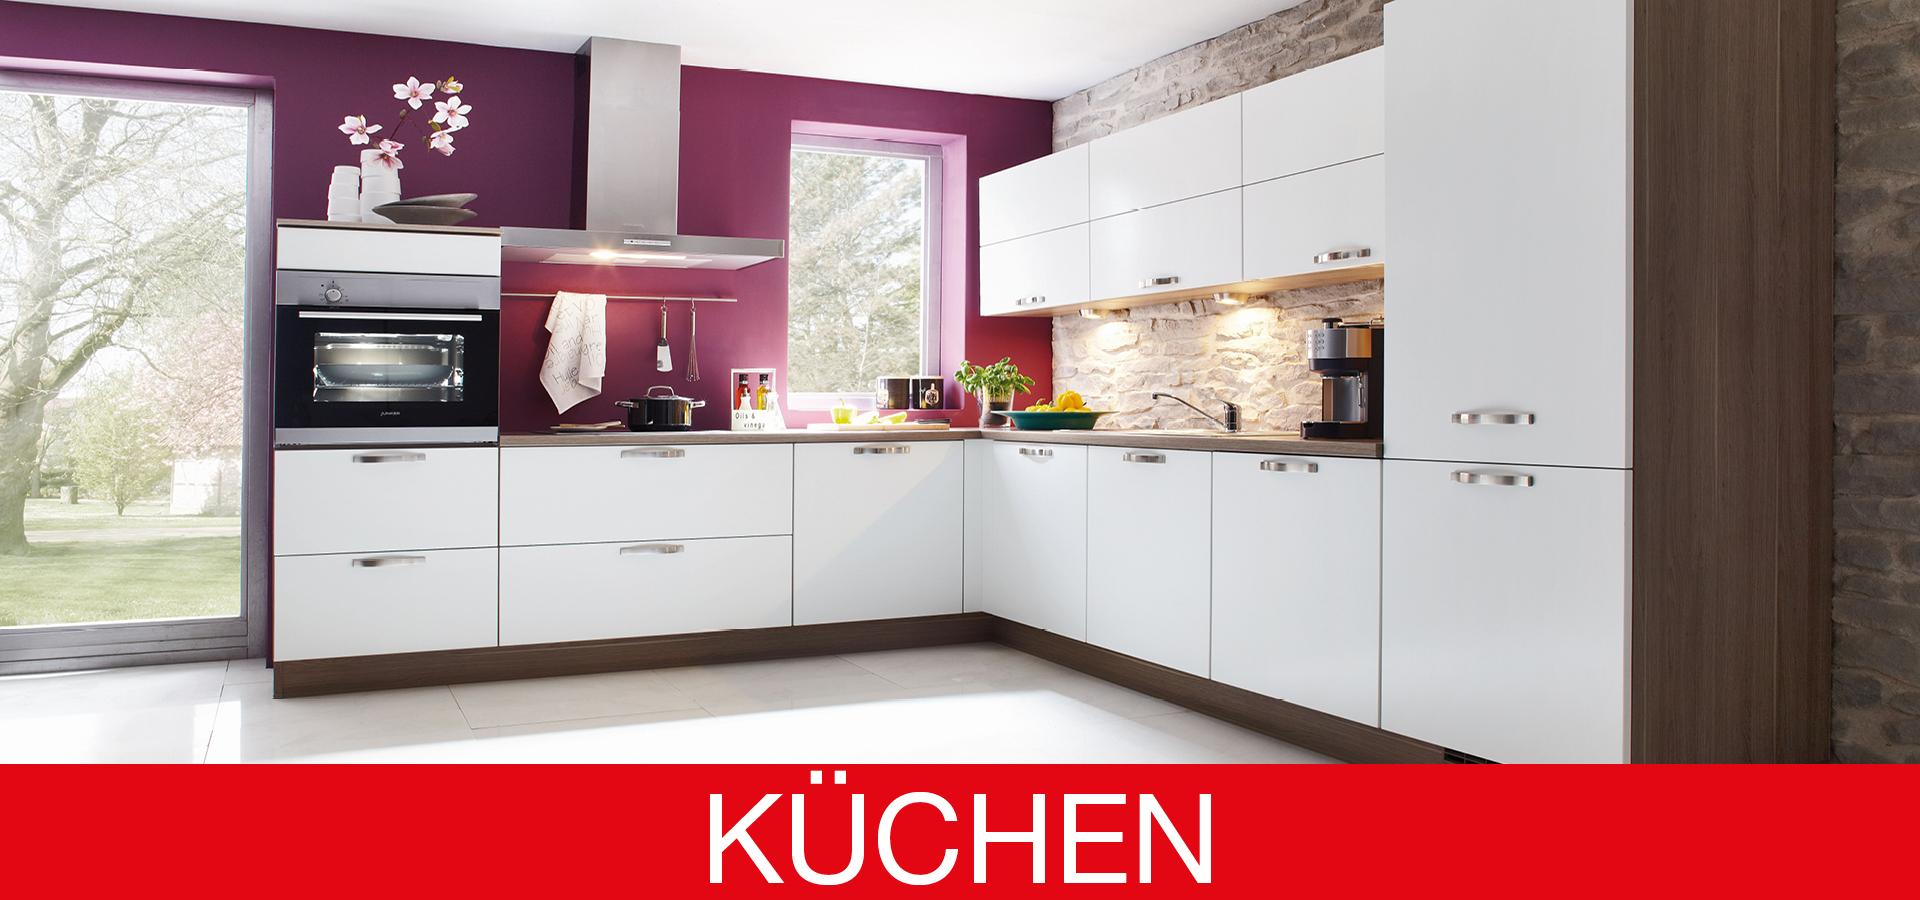 Full Size of Einbauküche Günstig Gebraucht Einbauküche Günstig Abzugeben Gebrauchte Einbauküche Günstig Kaufen Kleine Einbauküche Günstig Küche Einbauküche Günstig